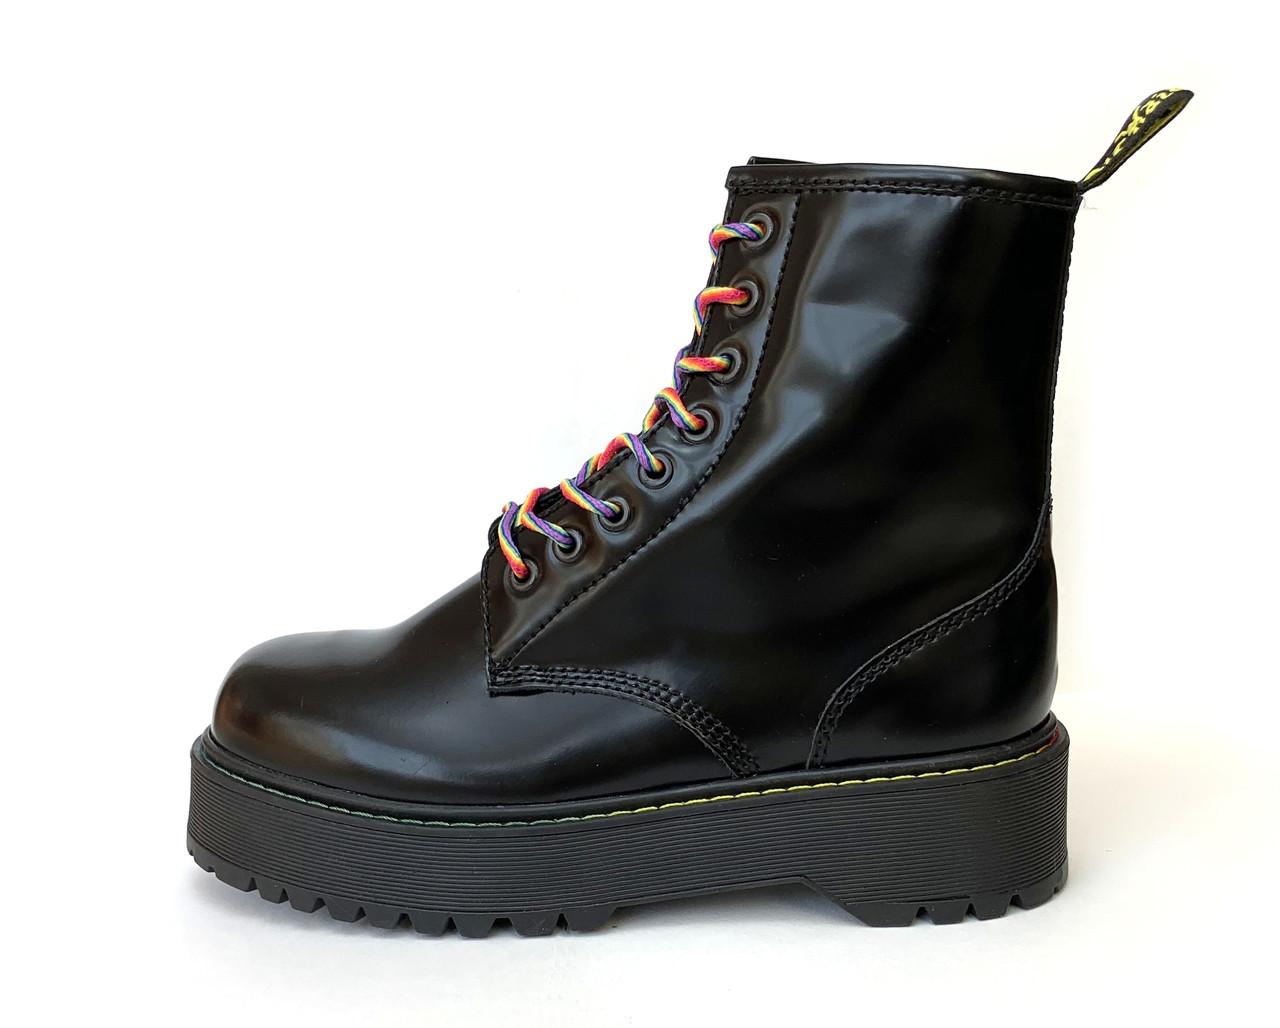 Женские зимние ботинки Dr. Martens Jadon Black (Мех), др мартенс, жіночі черевики Dr Martens, ботінки мартінс